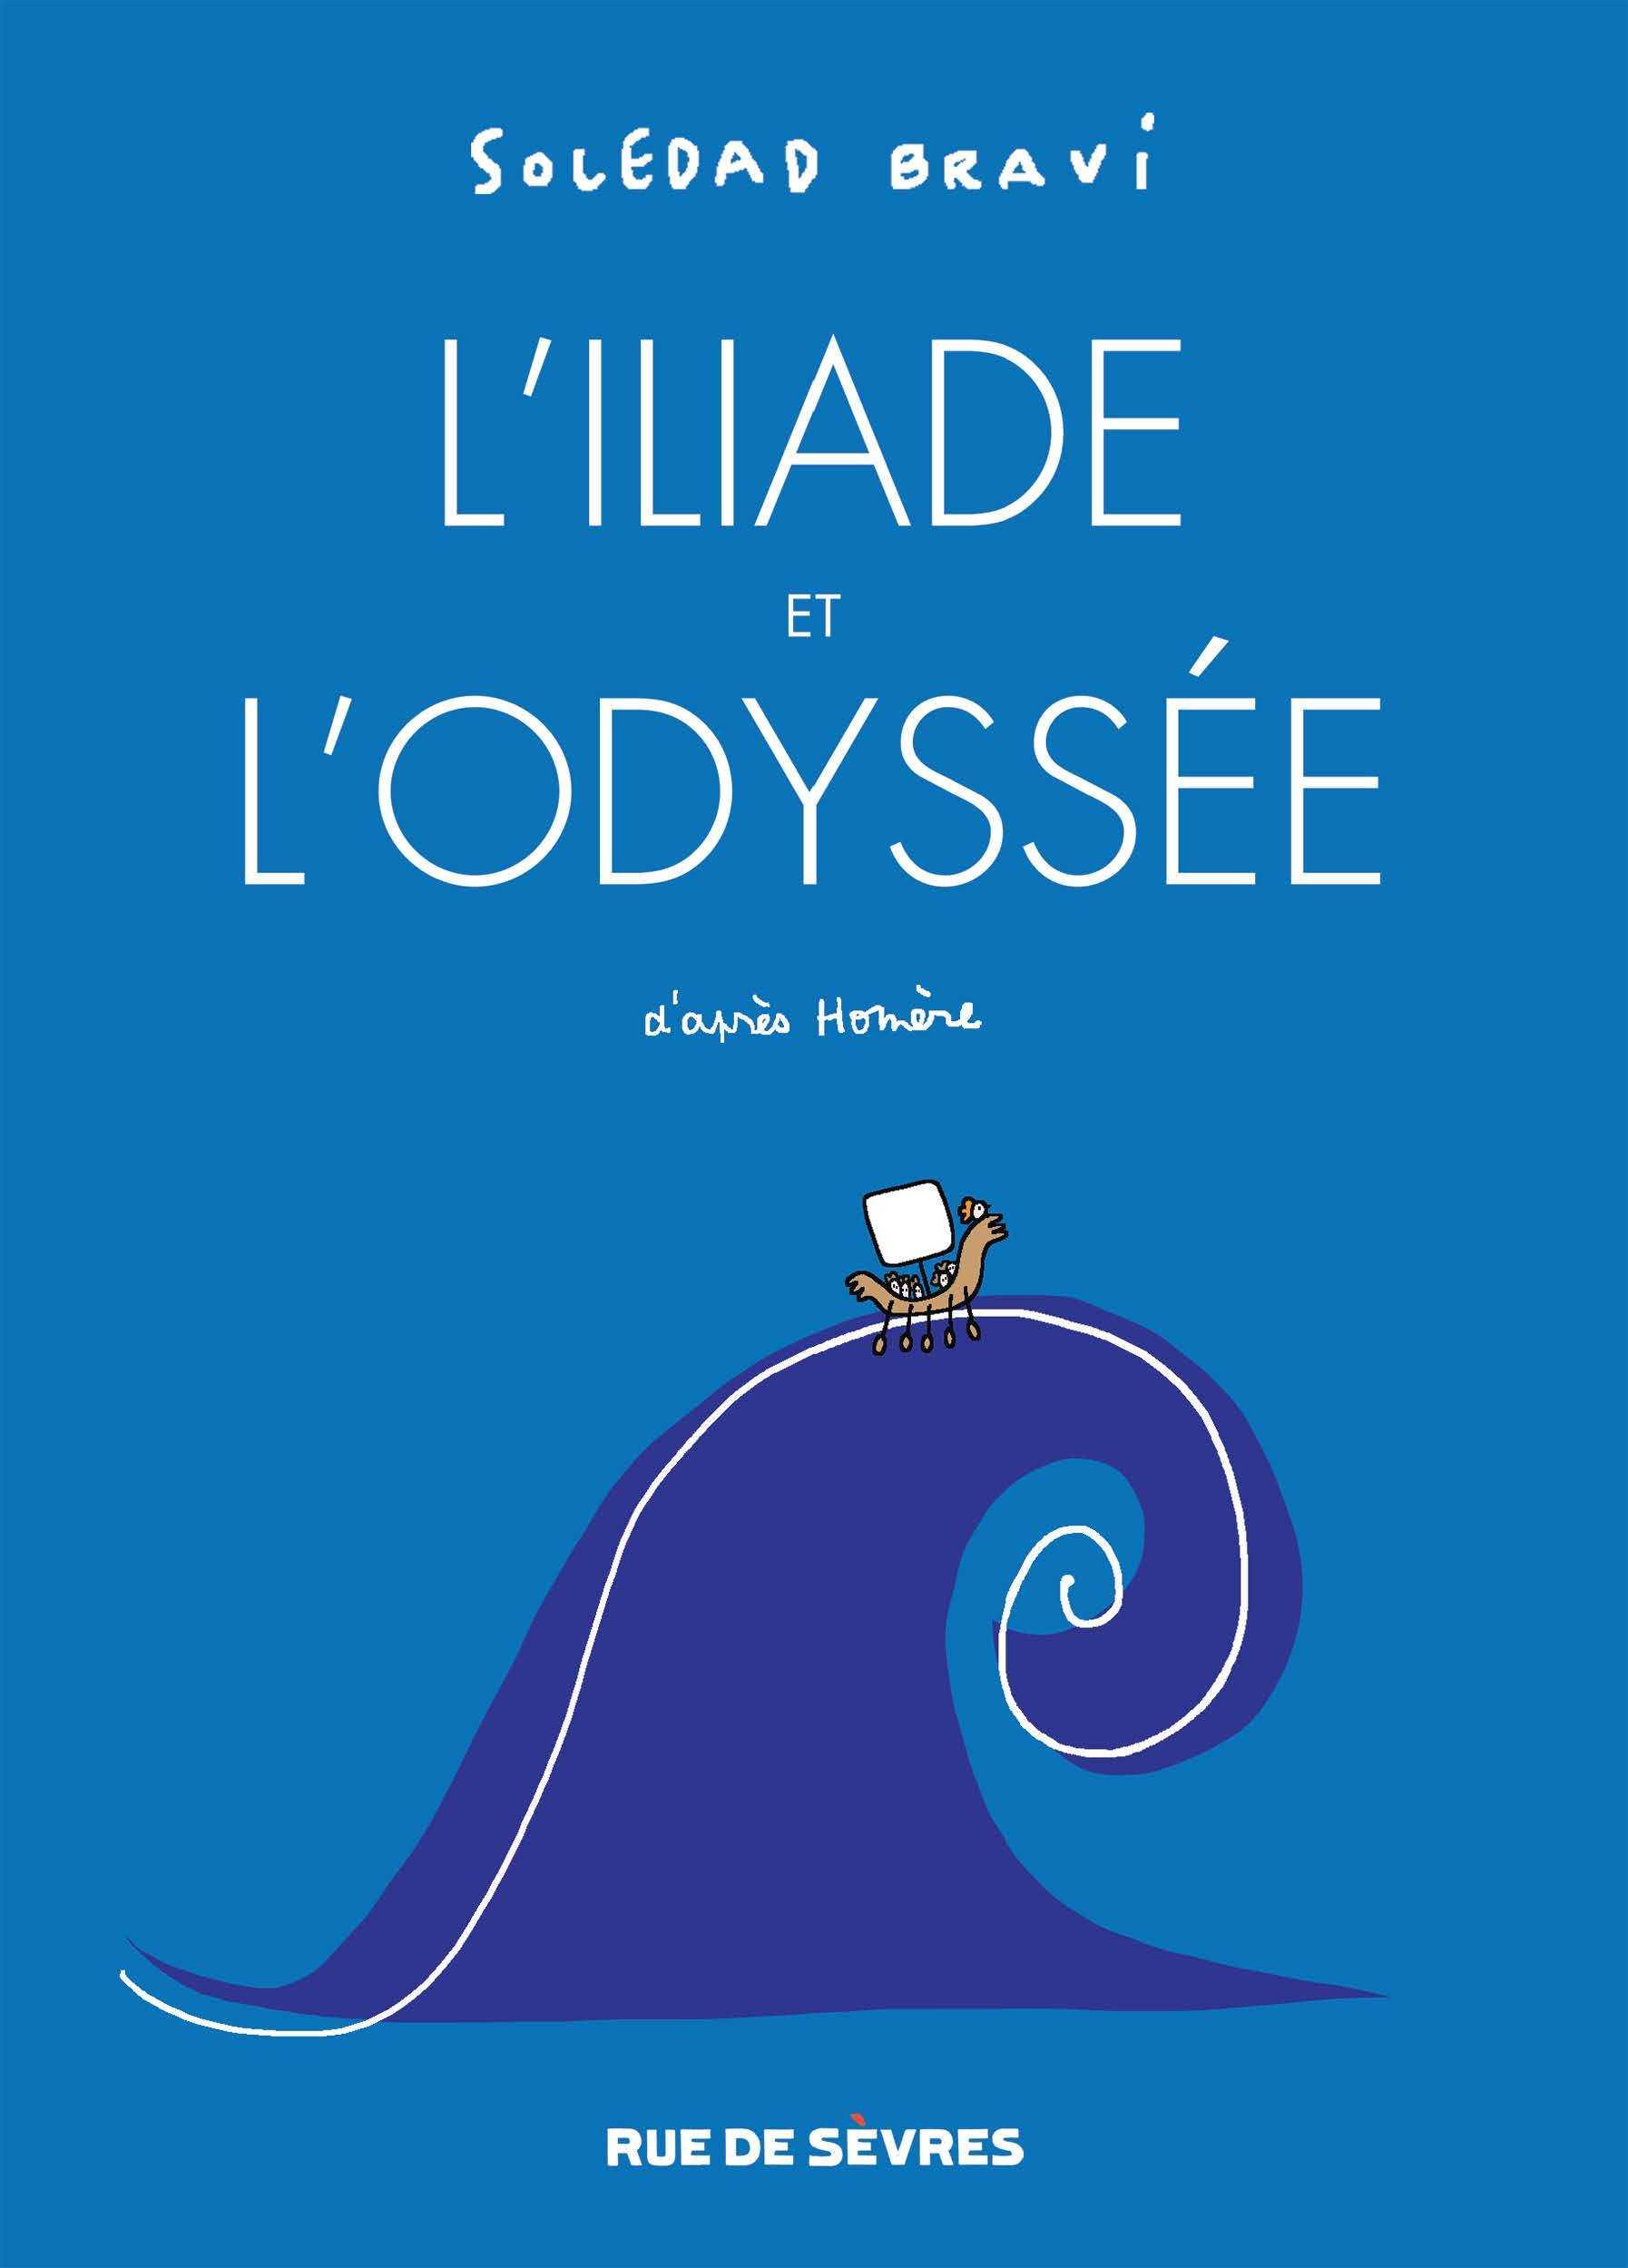 L'Iliade et l'Odyssée, la vision décapante de Soledad Bravi